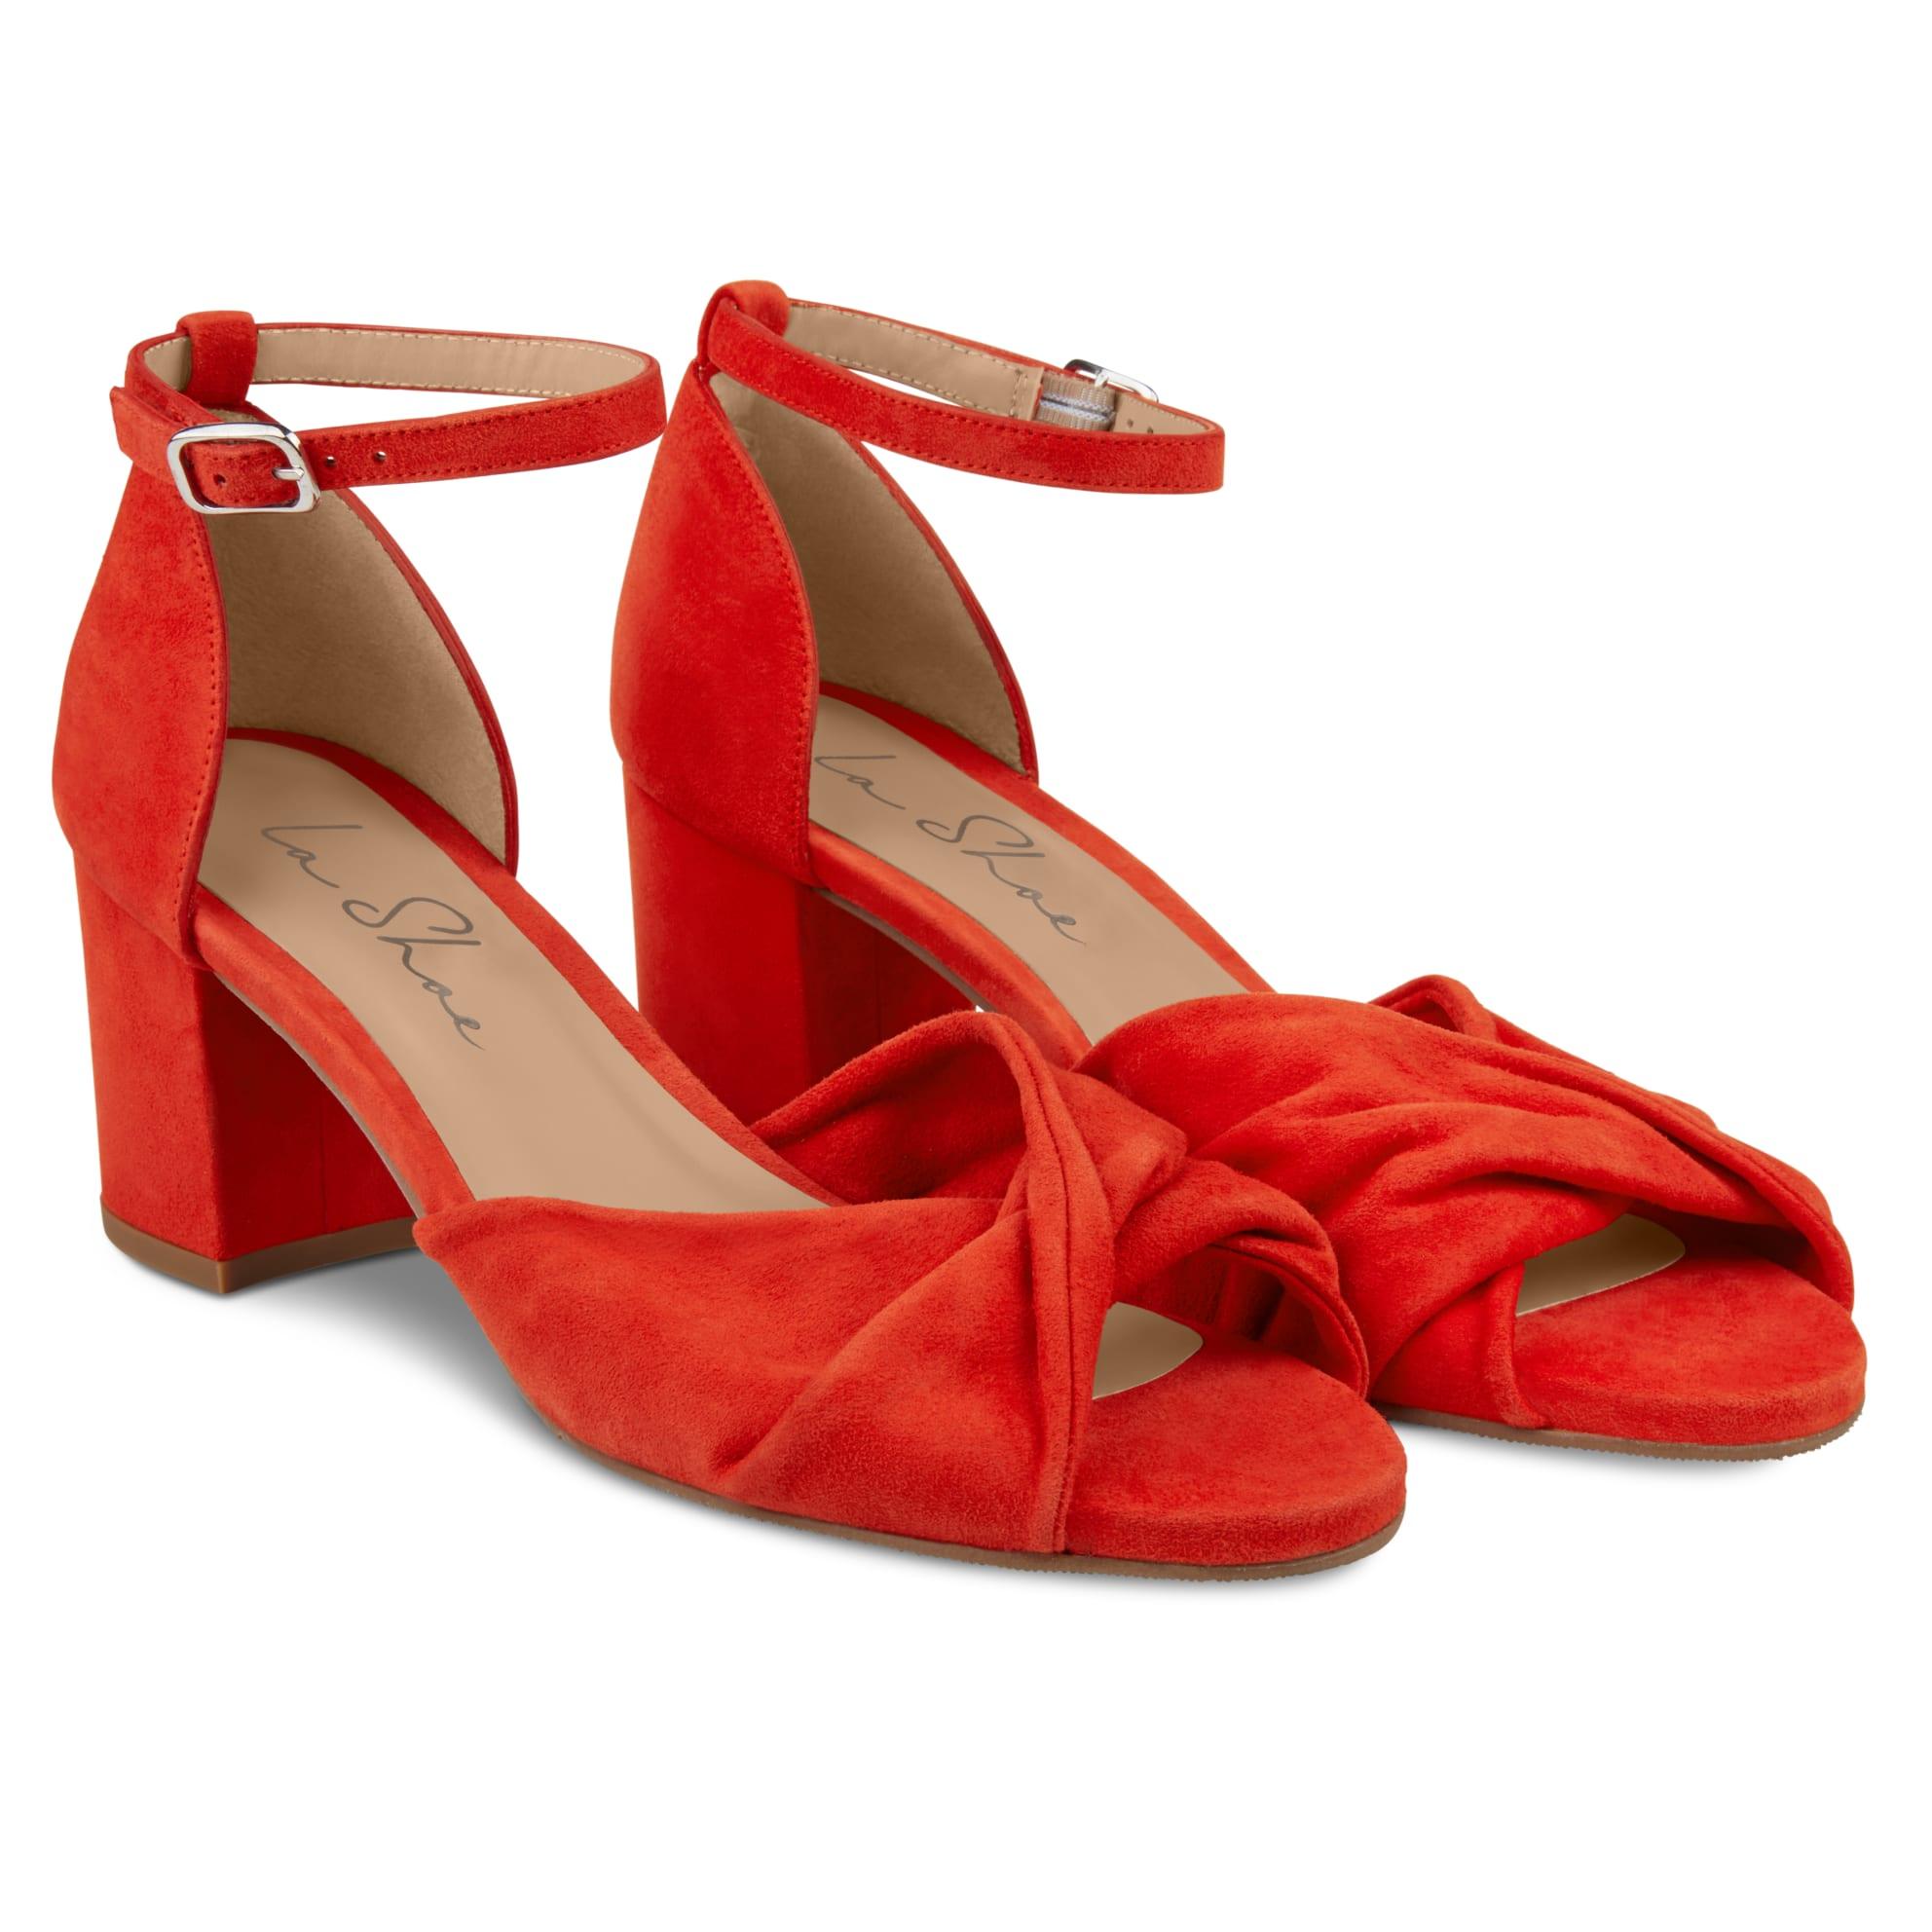 Riemchensandale getwistet Rot – modischer und bequemer Schuh für Hallux valgus und empfindliche Füße von LaShoe.de